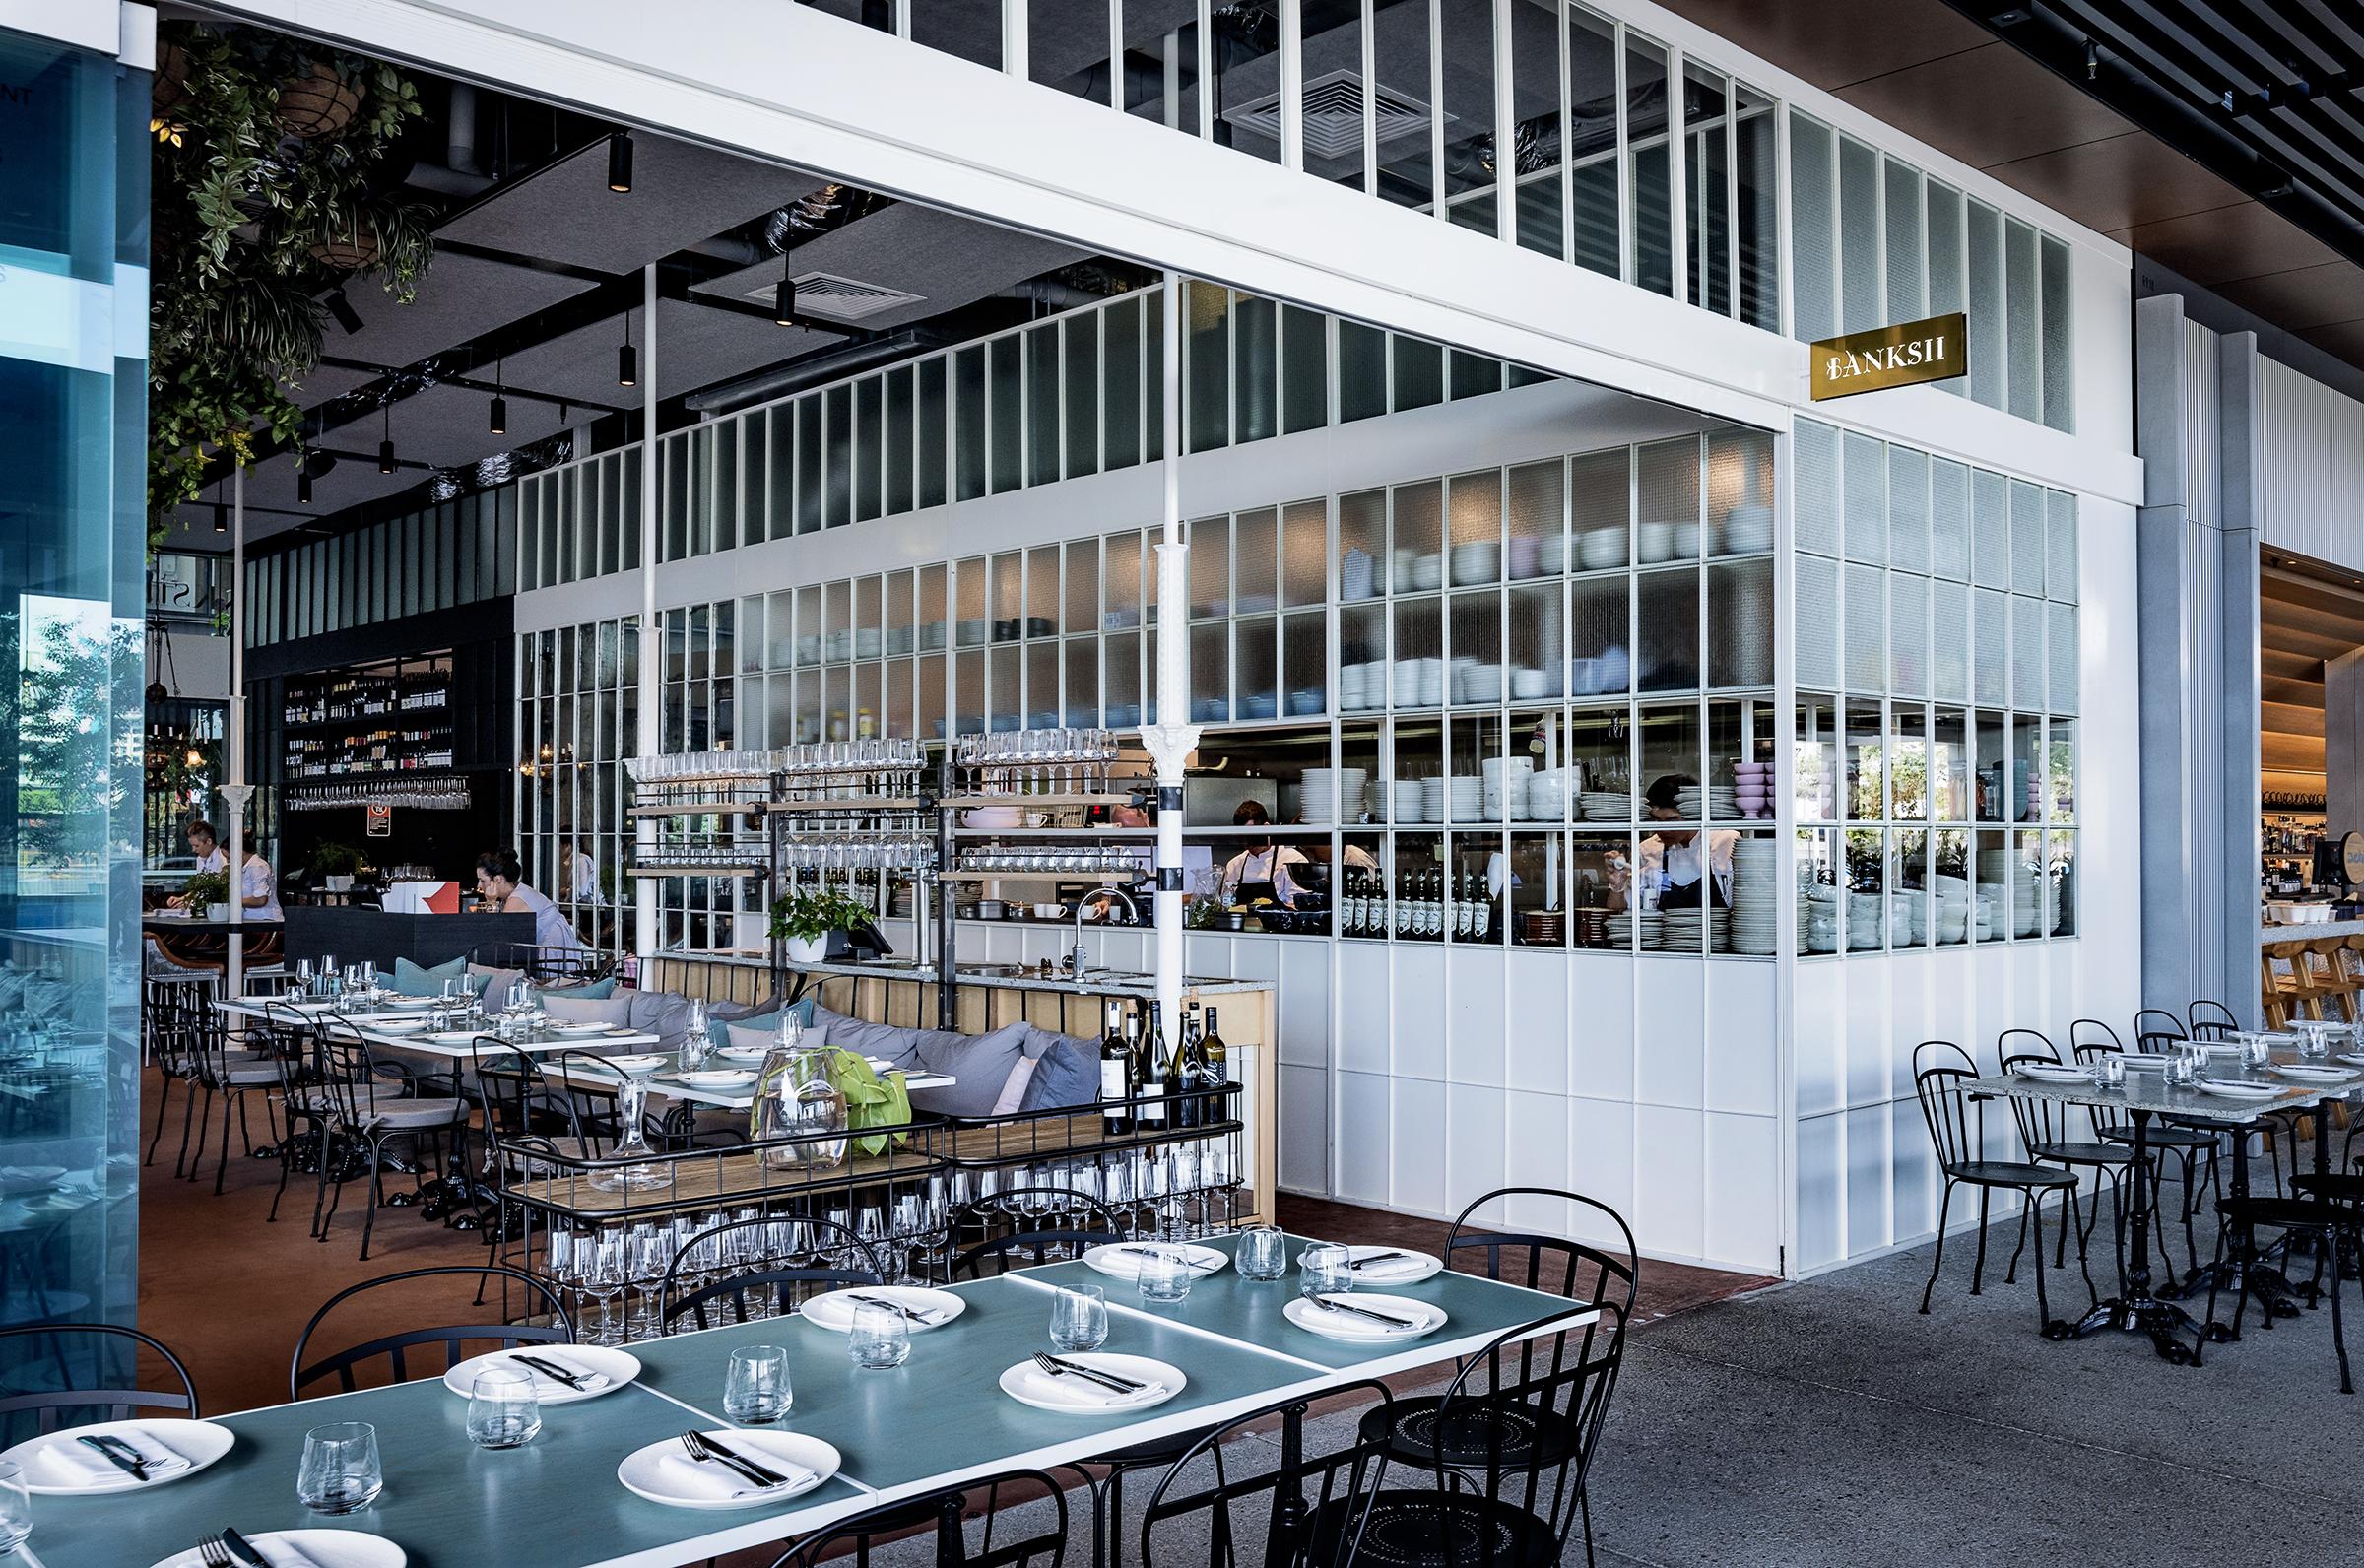 Banksii Bar & Bistro